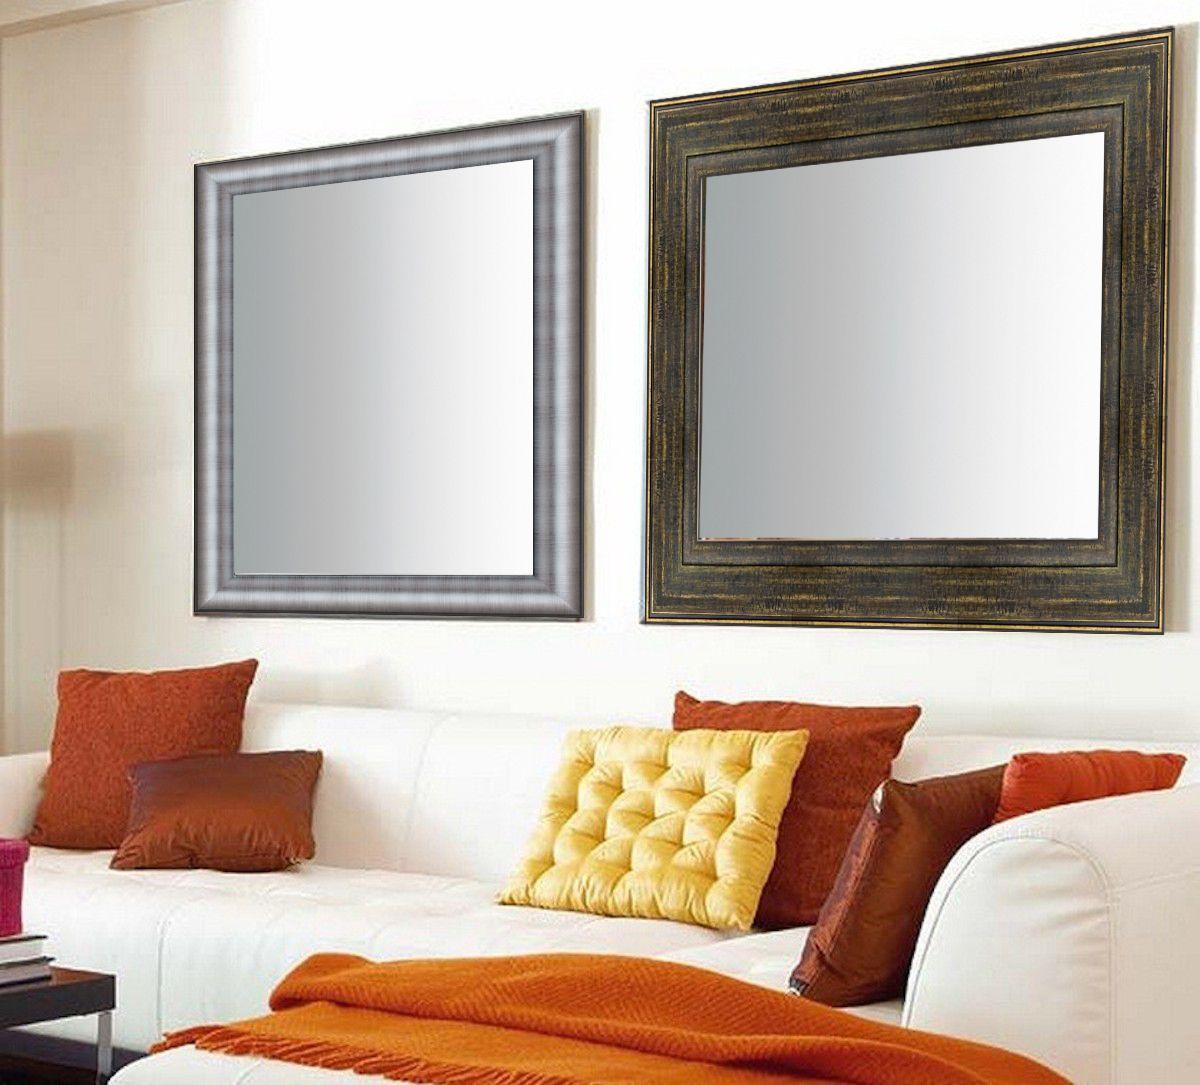 Espejos modernos para la decoraci n de tu hogar - Decoracion de espejos ...